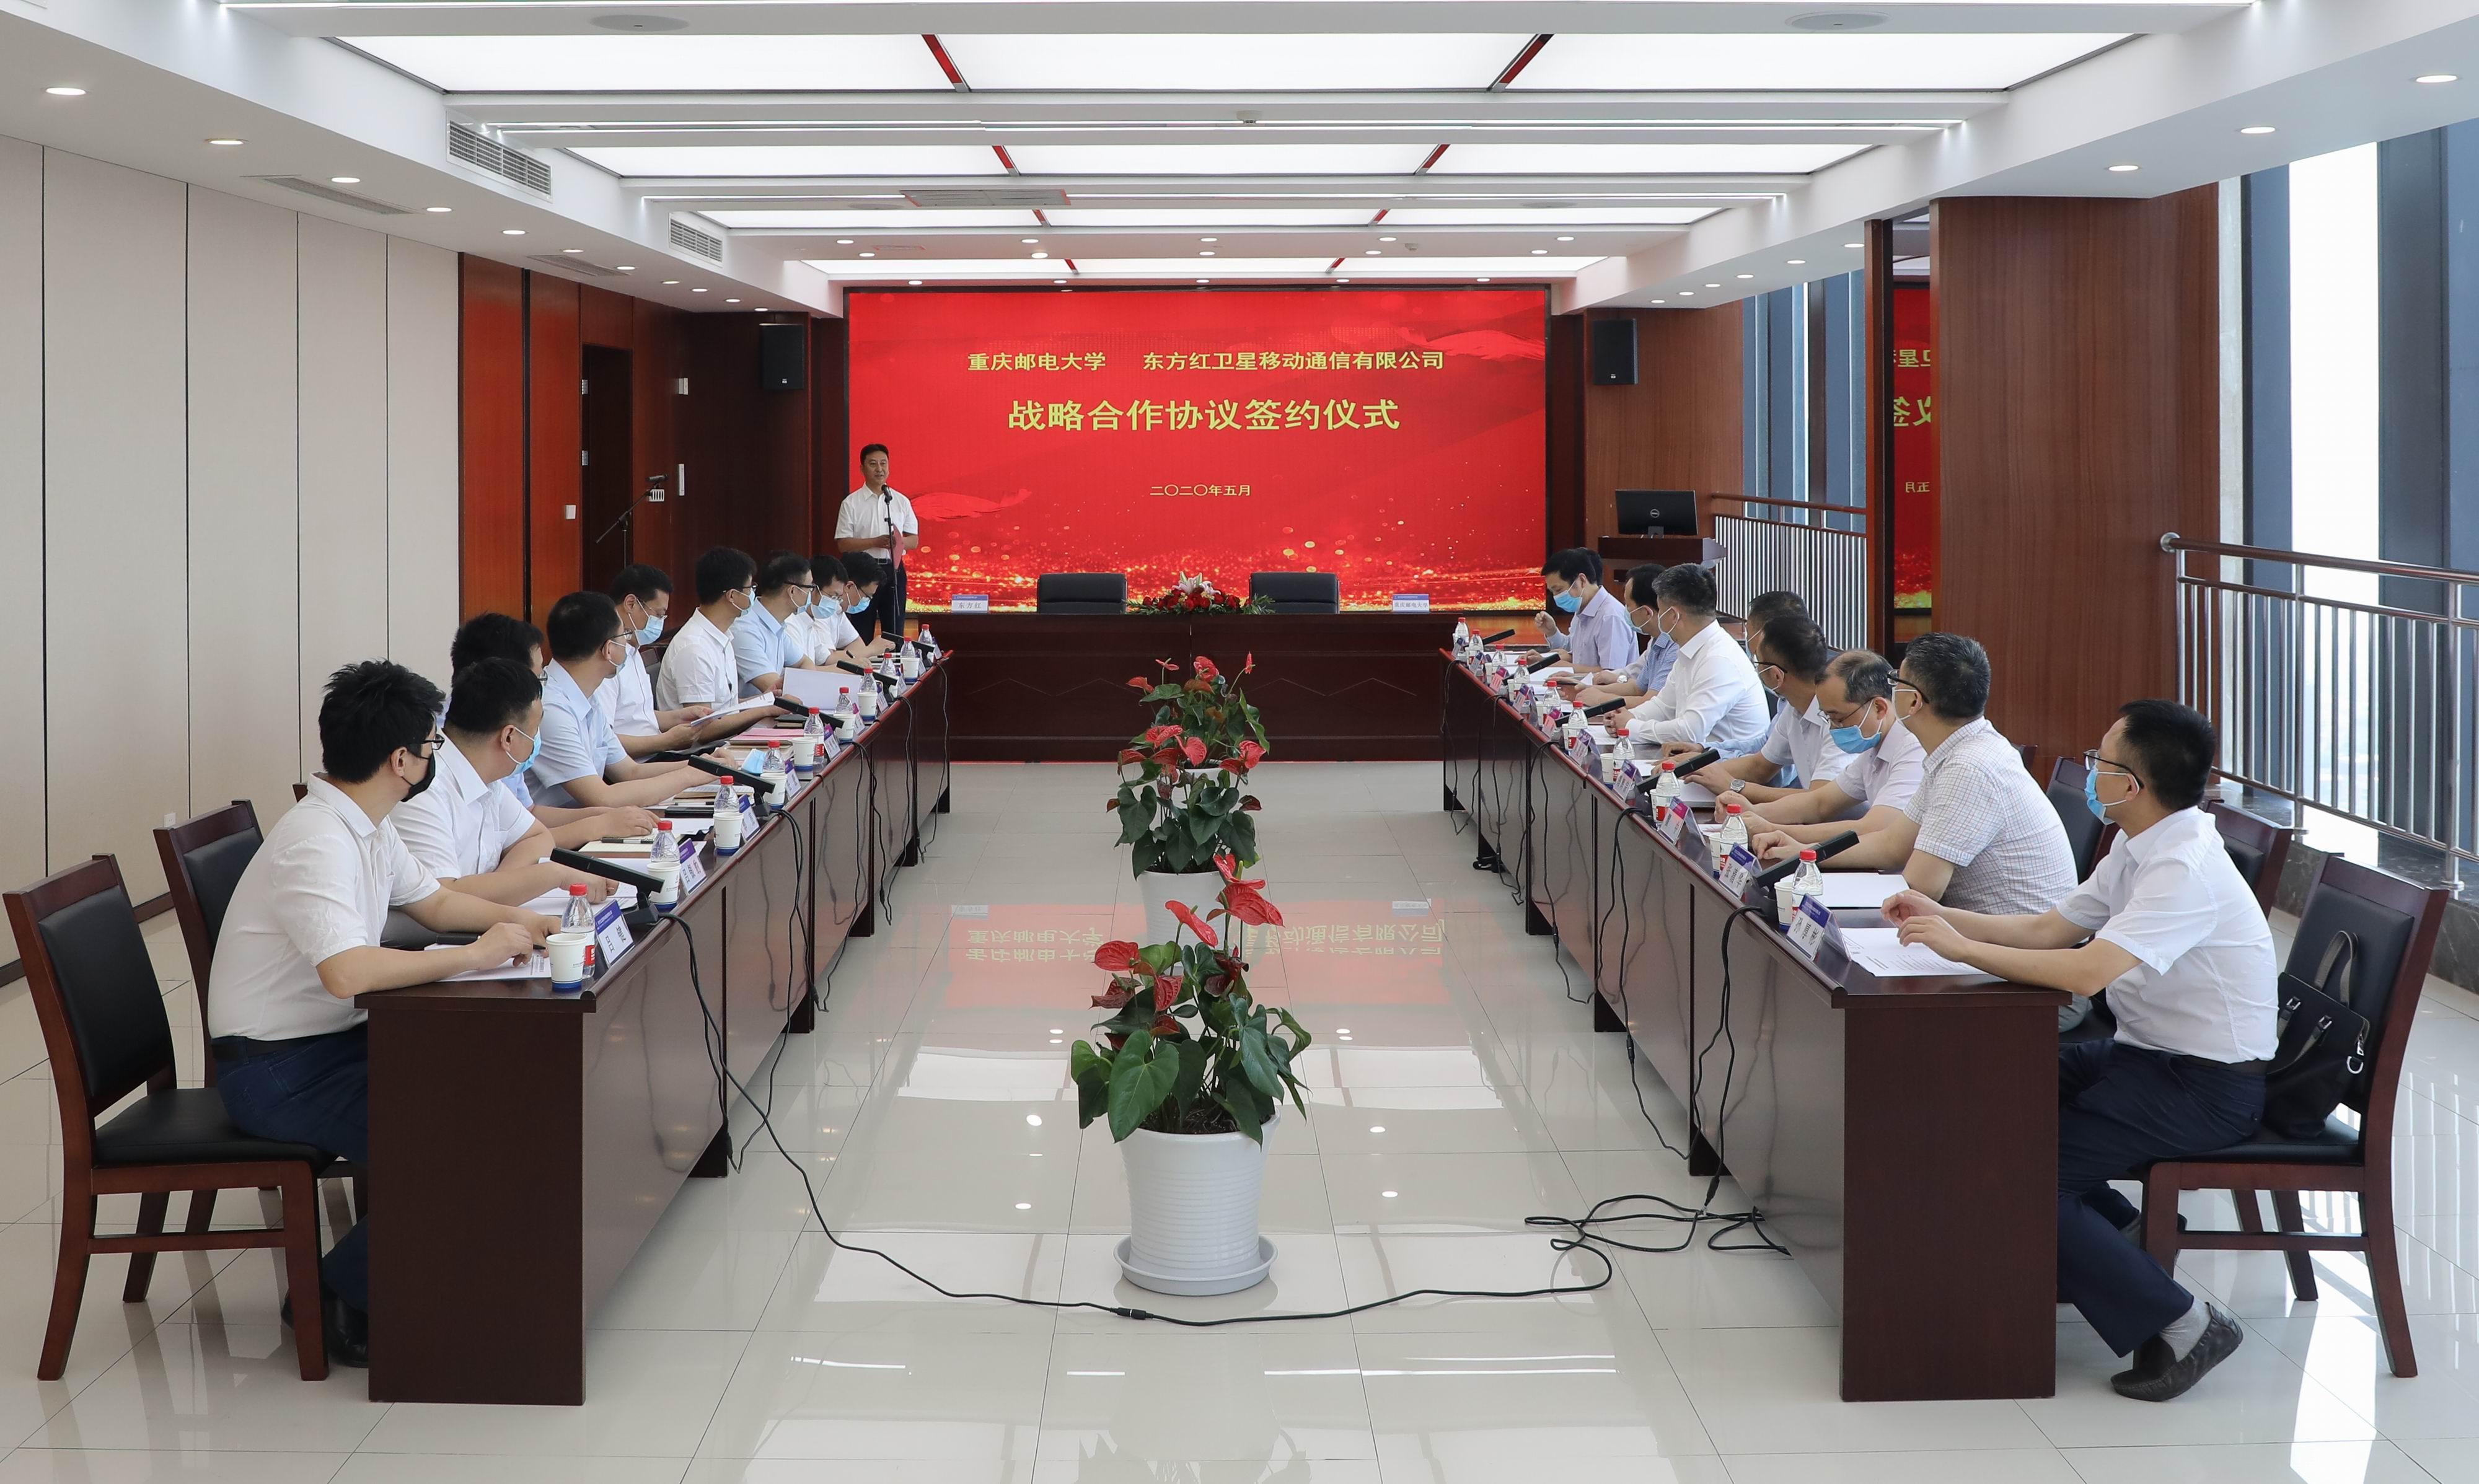 1 我校与东方红移动通信公司合作签约.jpg